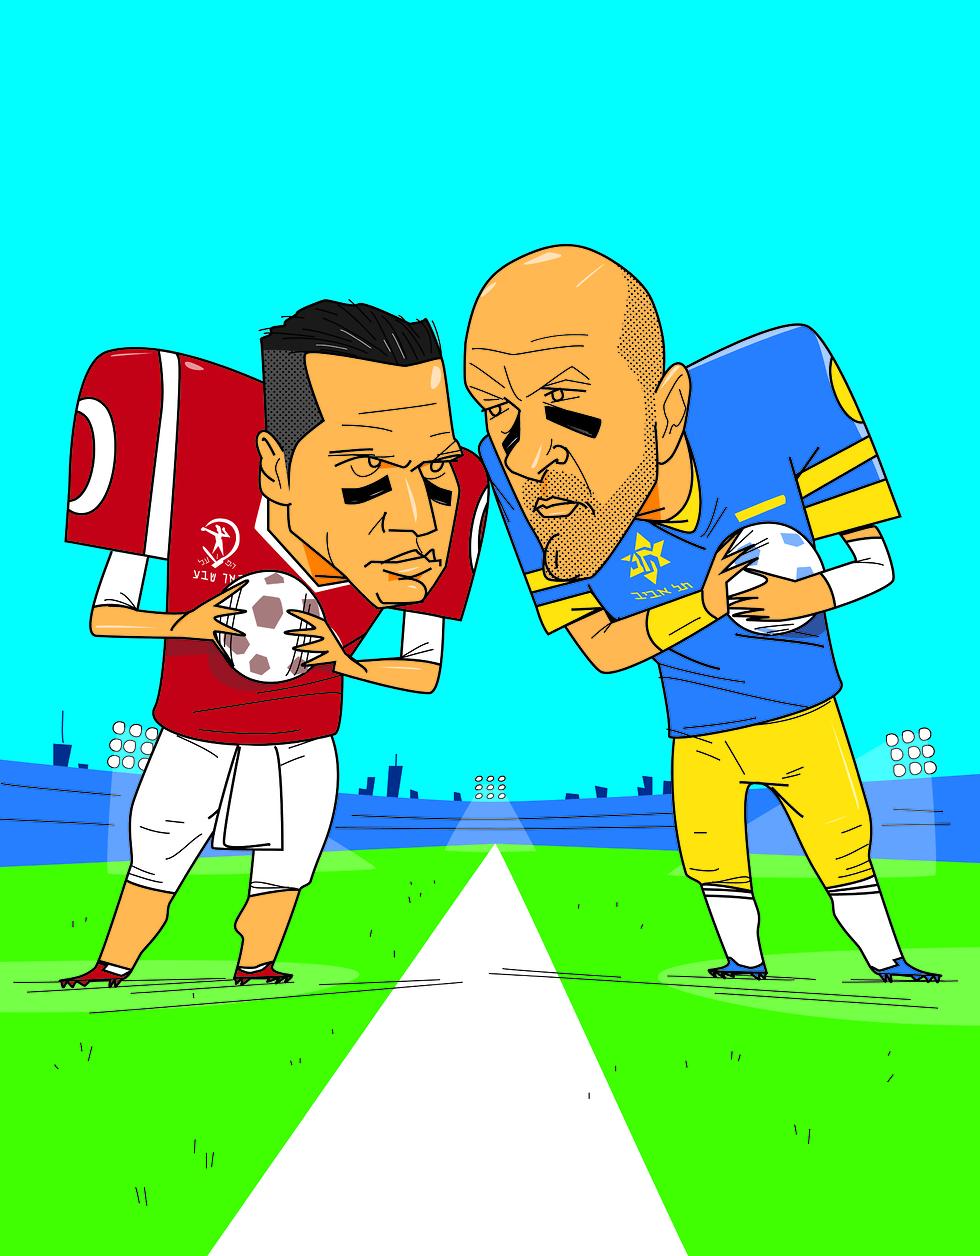 ג'ורדי קרויף וברק בכר, באווירת הסופרבול (איור: ליאו אטלמן) (איור: ליאו אטלמן)